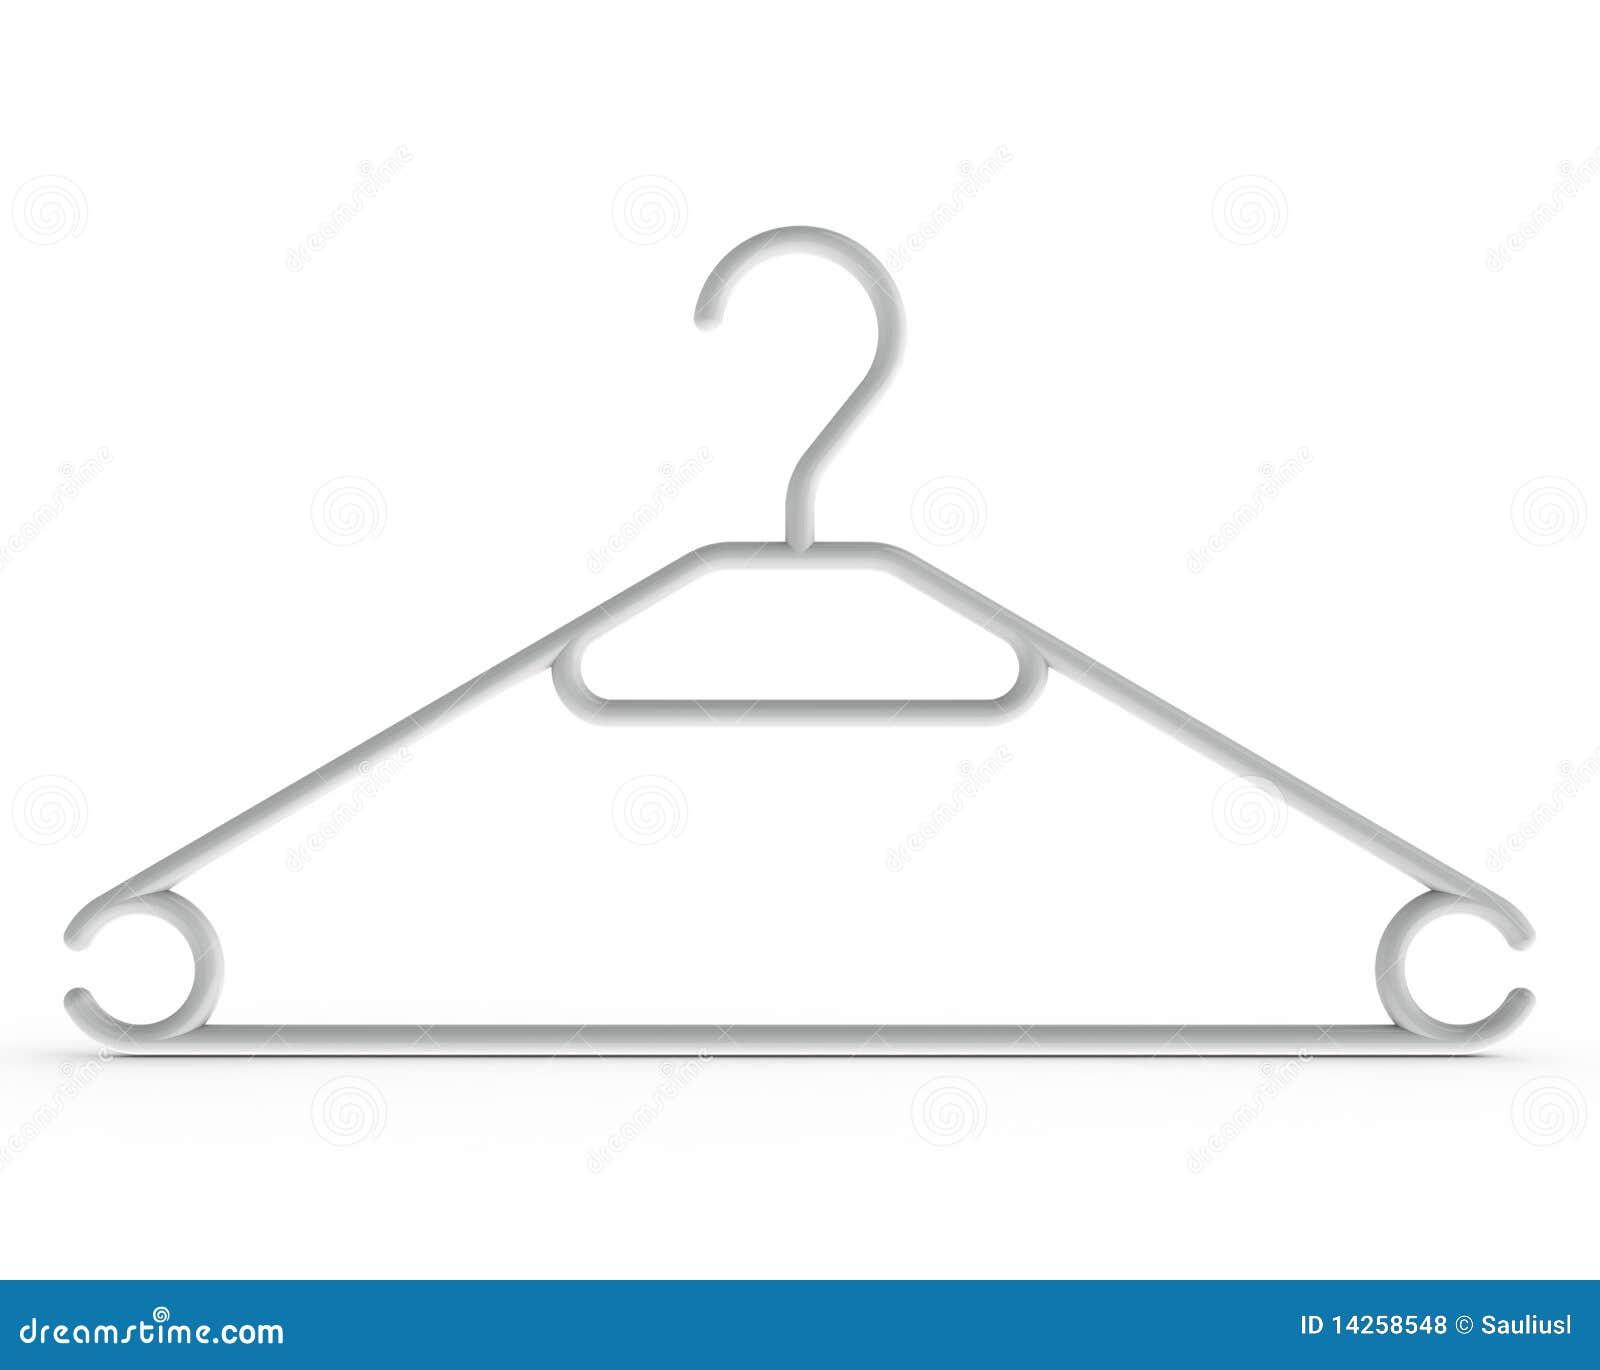 Weißer Kleiderbügel stock abbildung. Illustration von einzeln ...